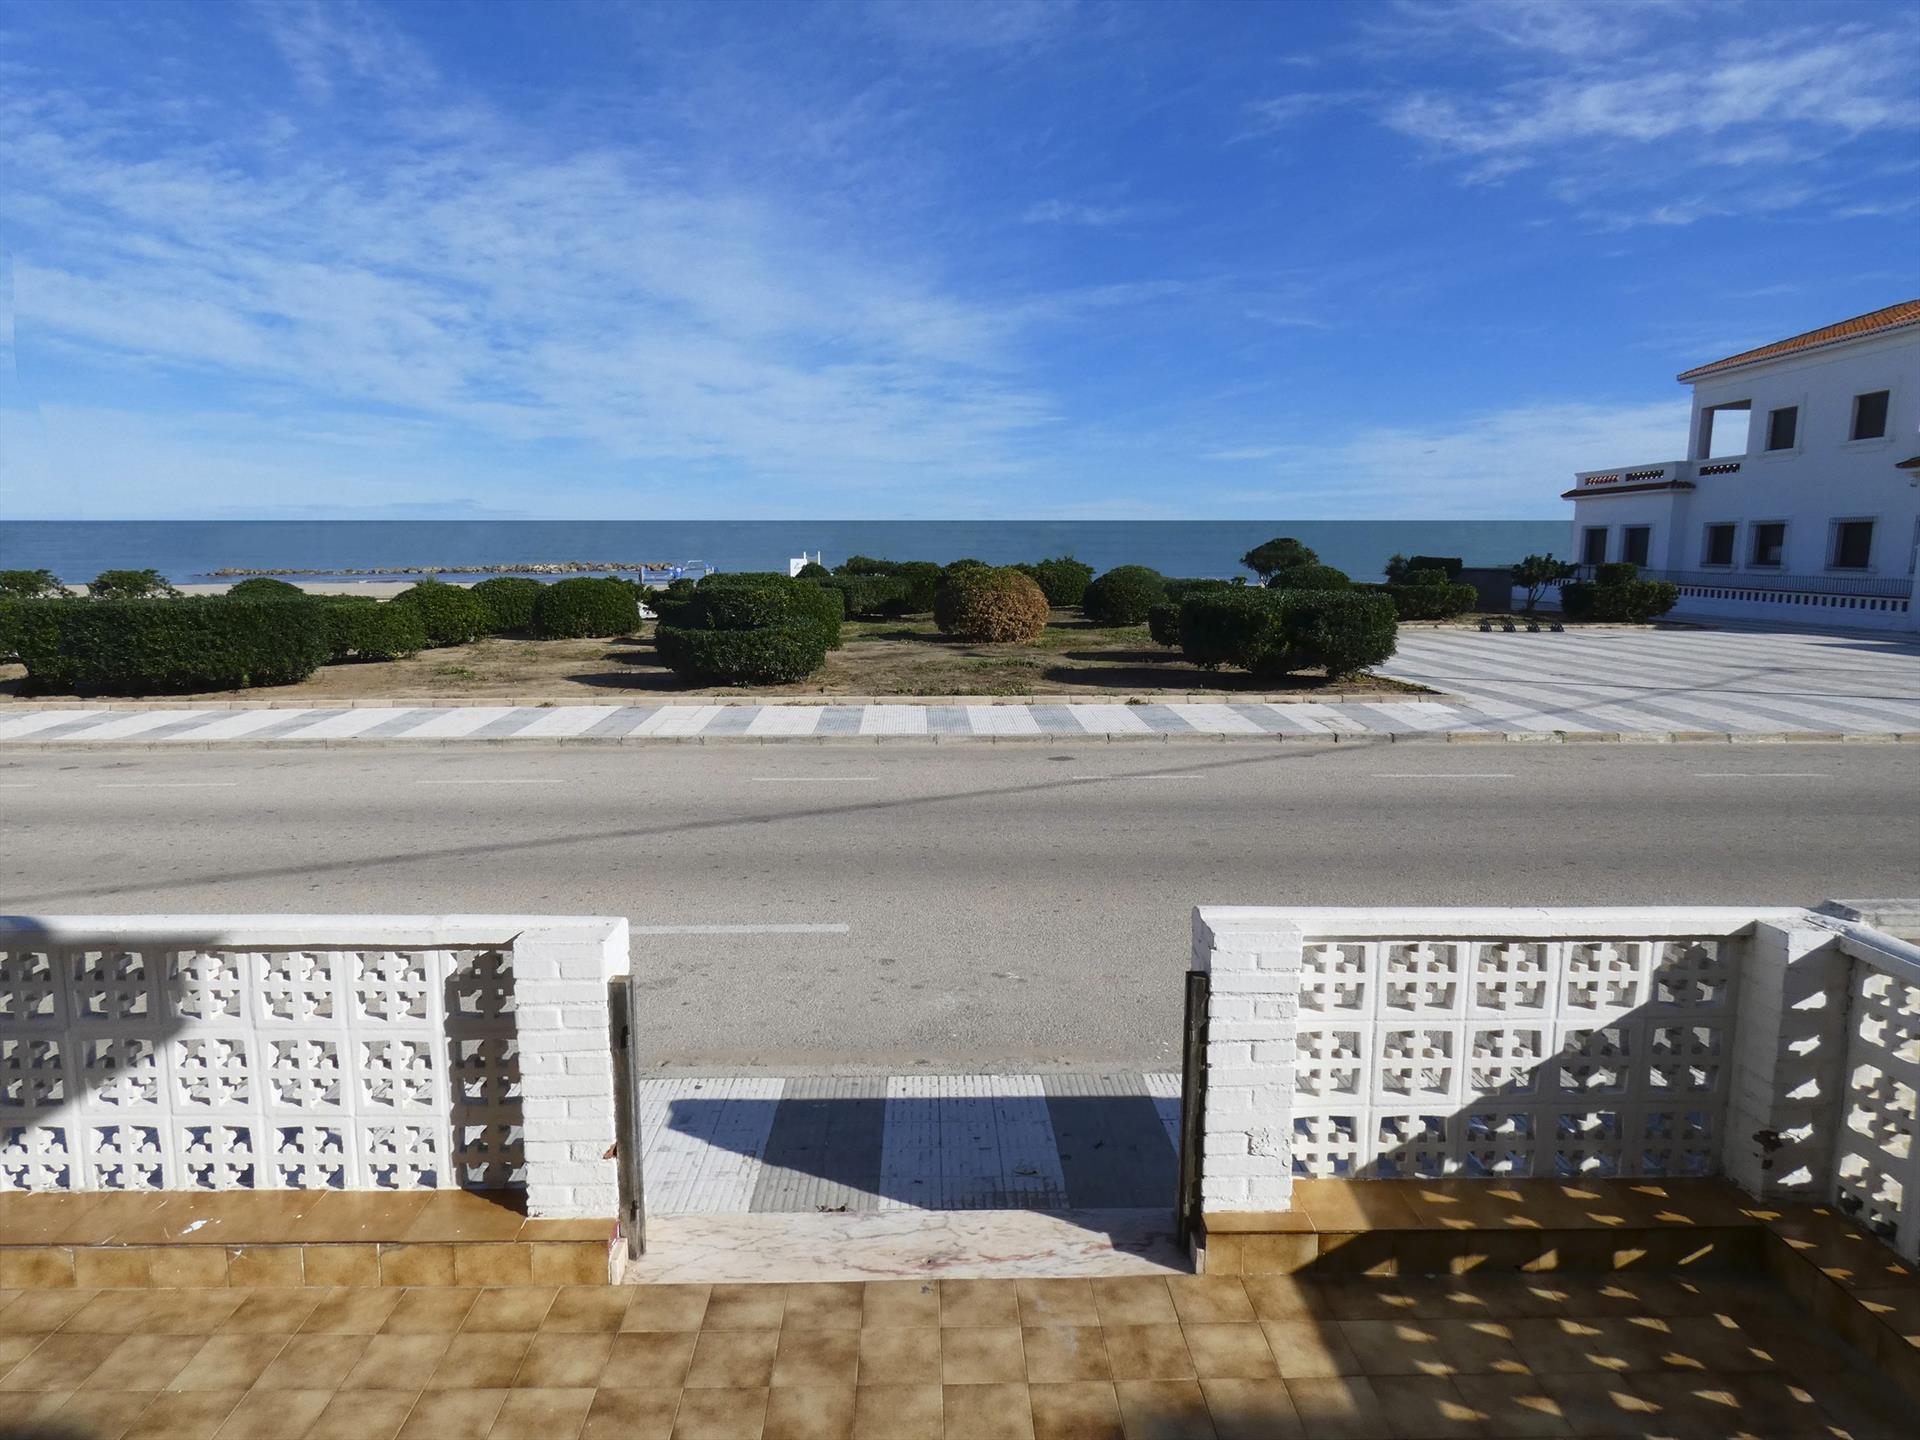 PB360 Alfonso Magnanimo Pau Pi,Apartamento clásico y acogedor en Oliva, en la Costa Blanca, España para 6 personas.....